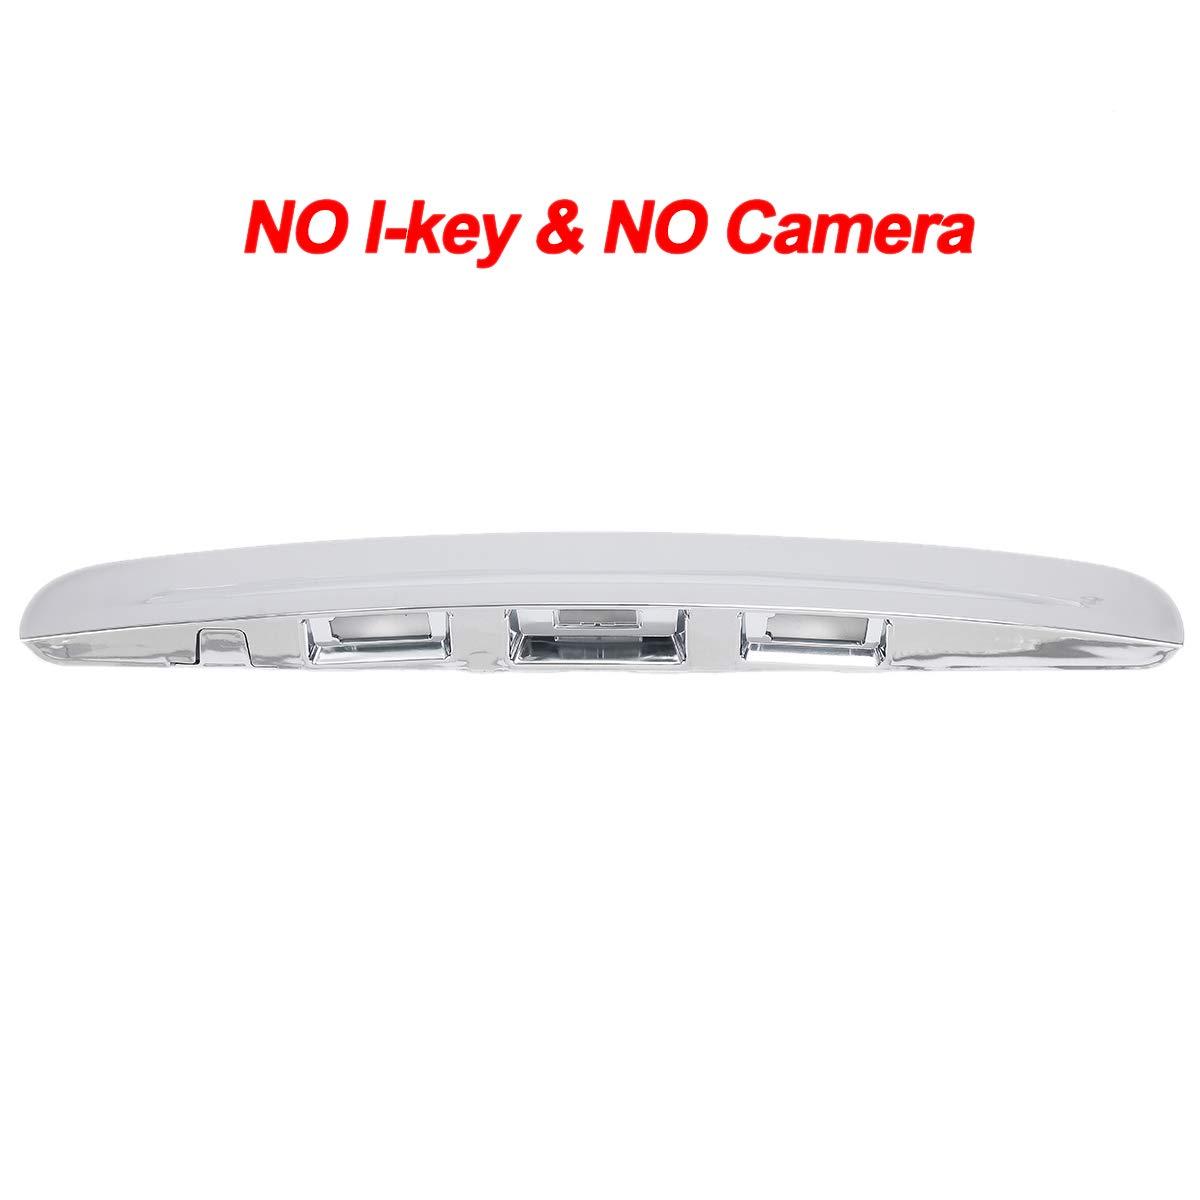 TOOGOO Maniglia del Cofano Posteriore del Portellone Posteriore Cromato Senza Foro per Fotocamera I-Key per Qashqai J10 2007-2014 Senza Foro per I-Key e Fotocamera